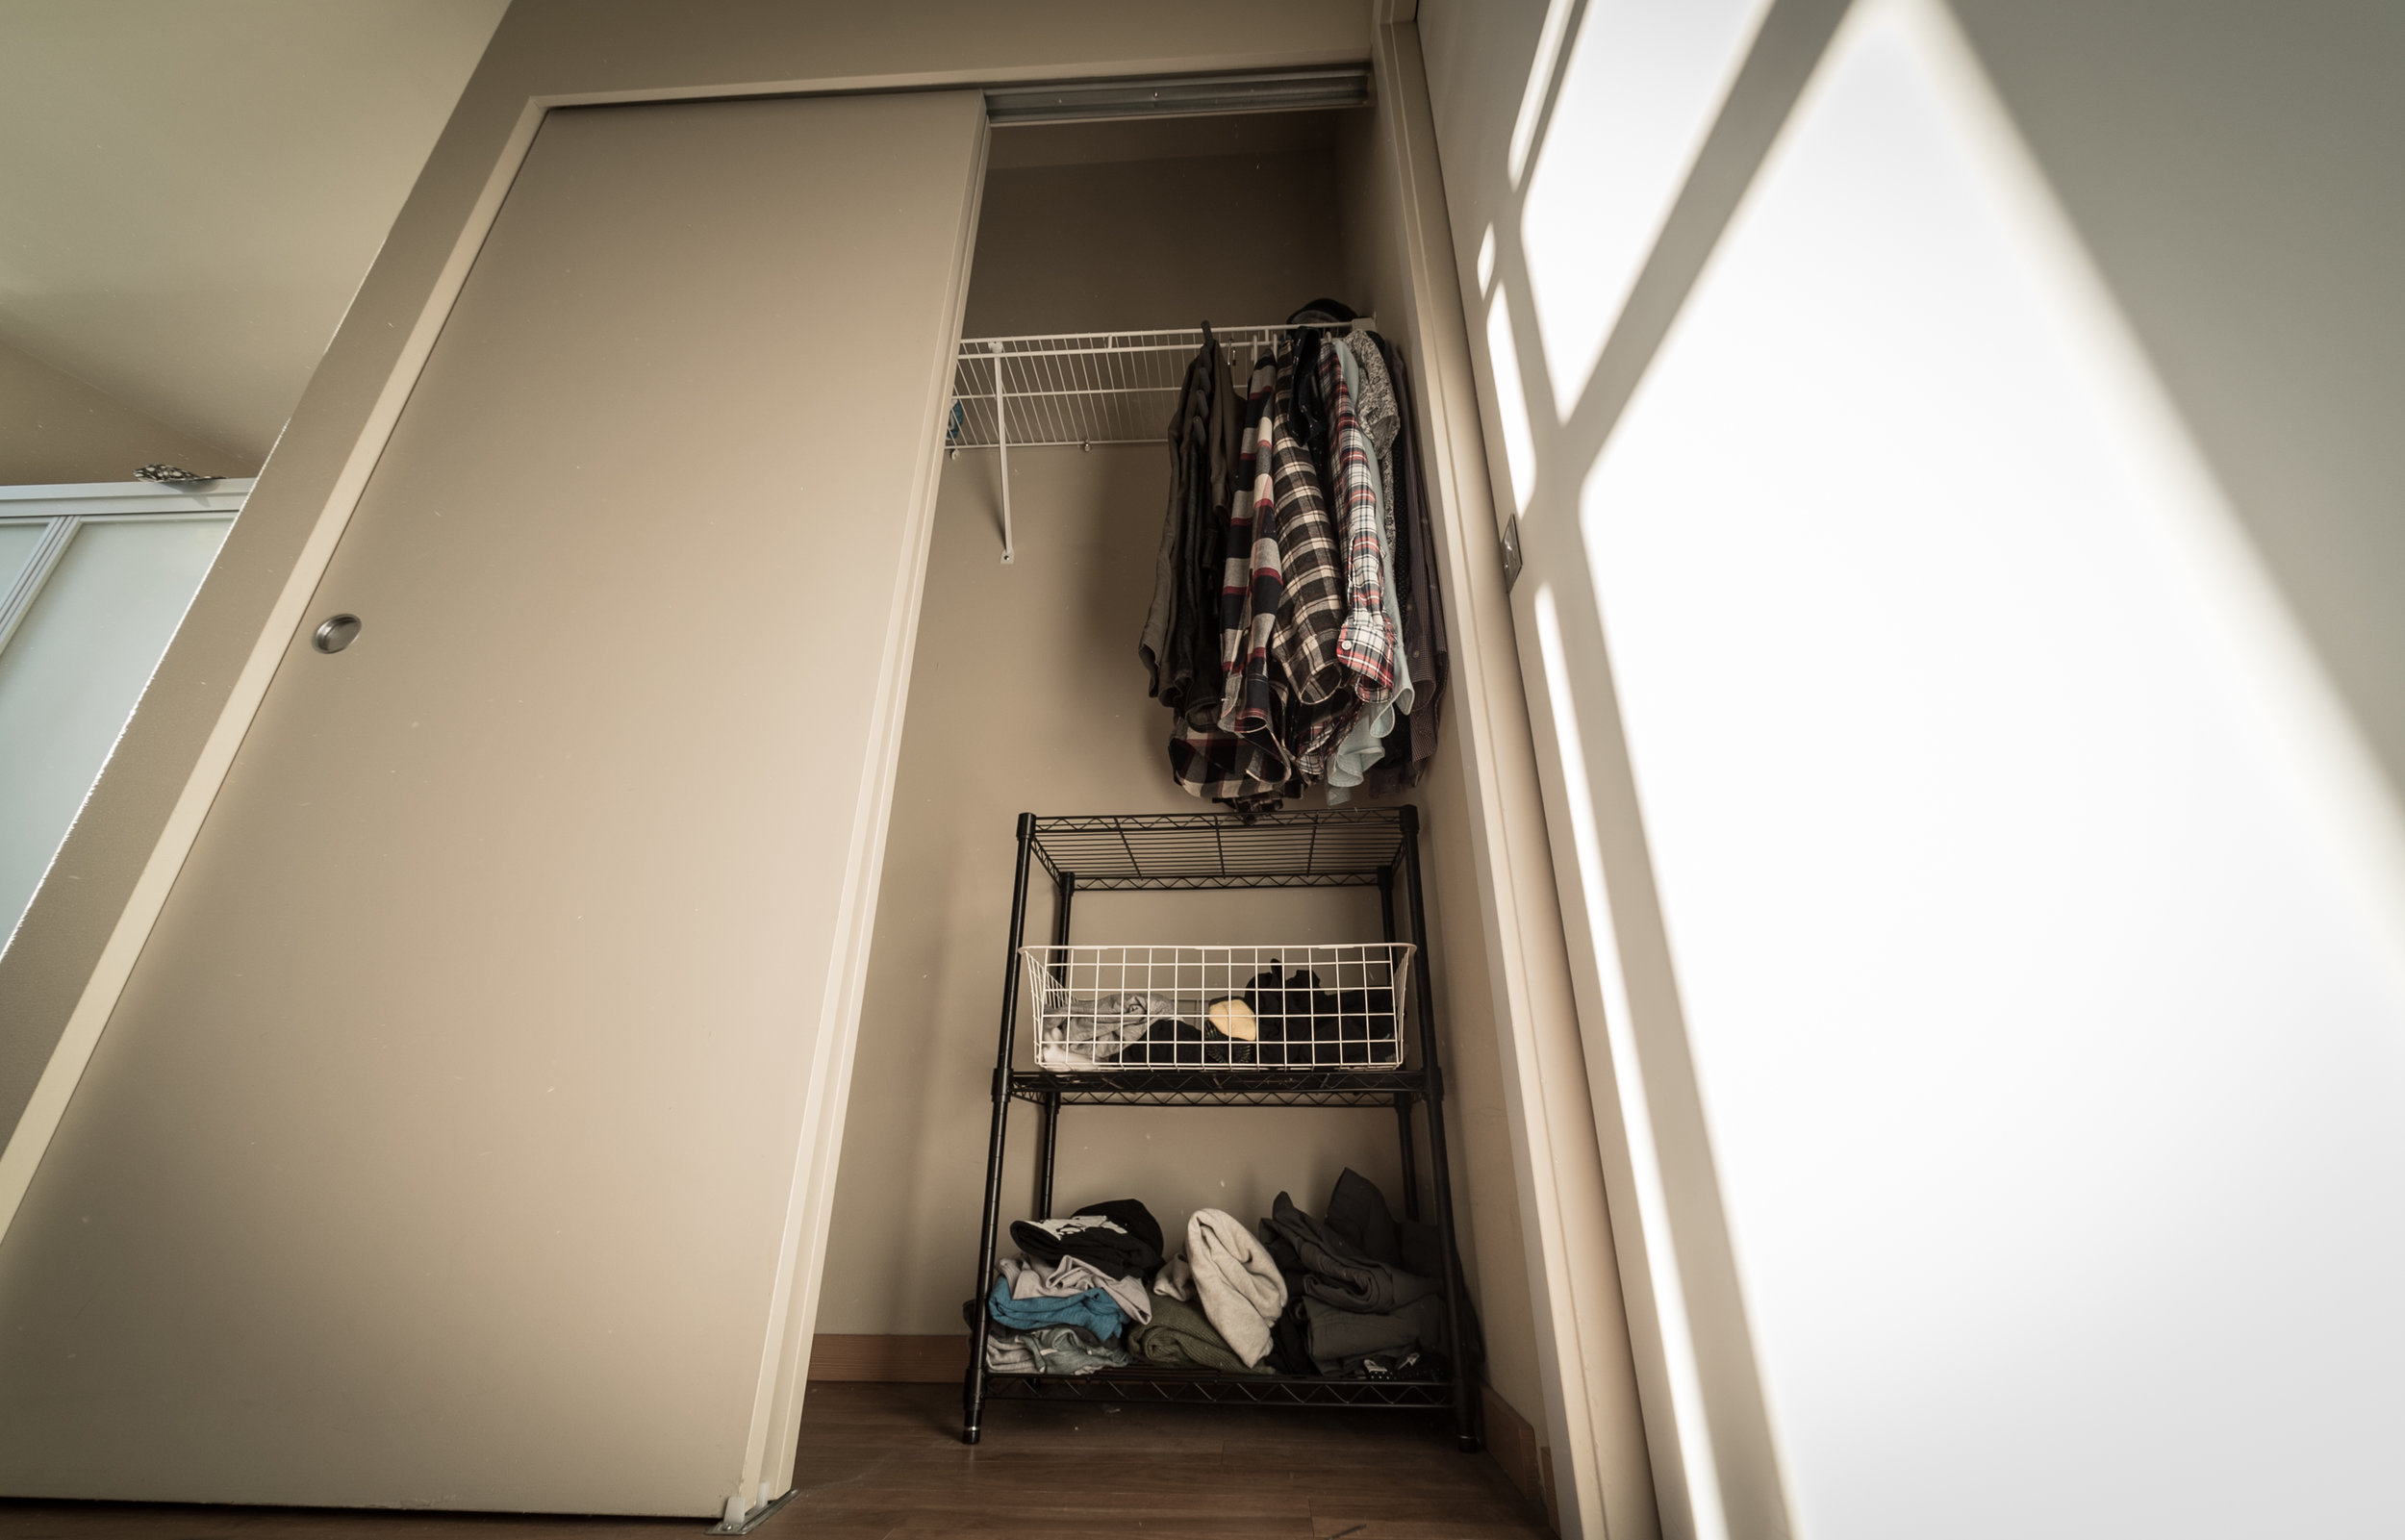 purged my closet down to my basic needs